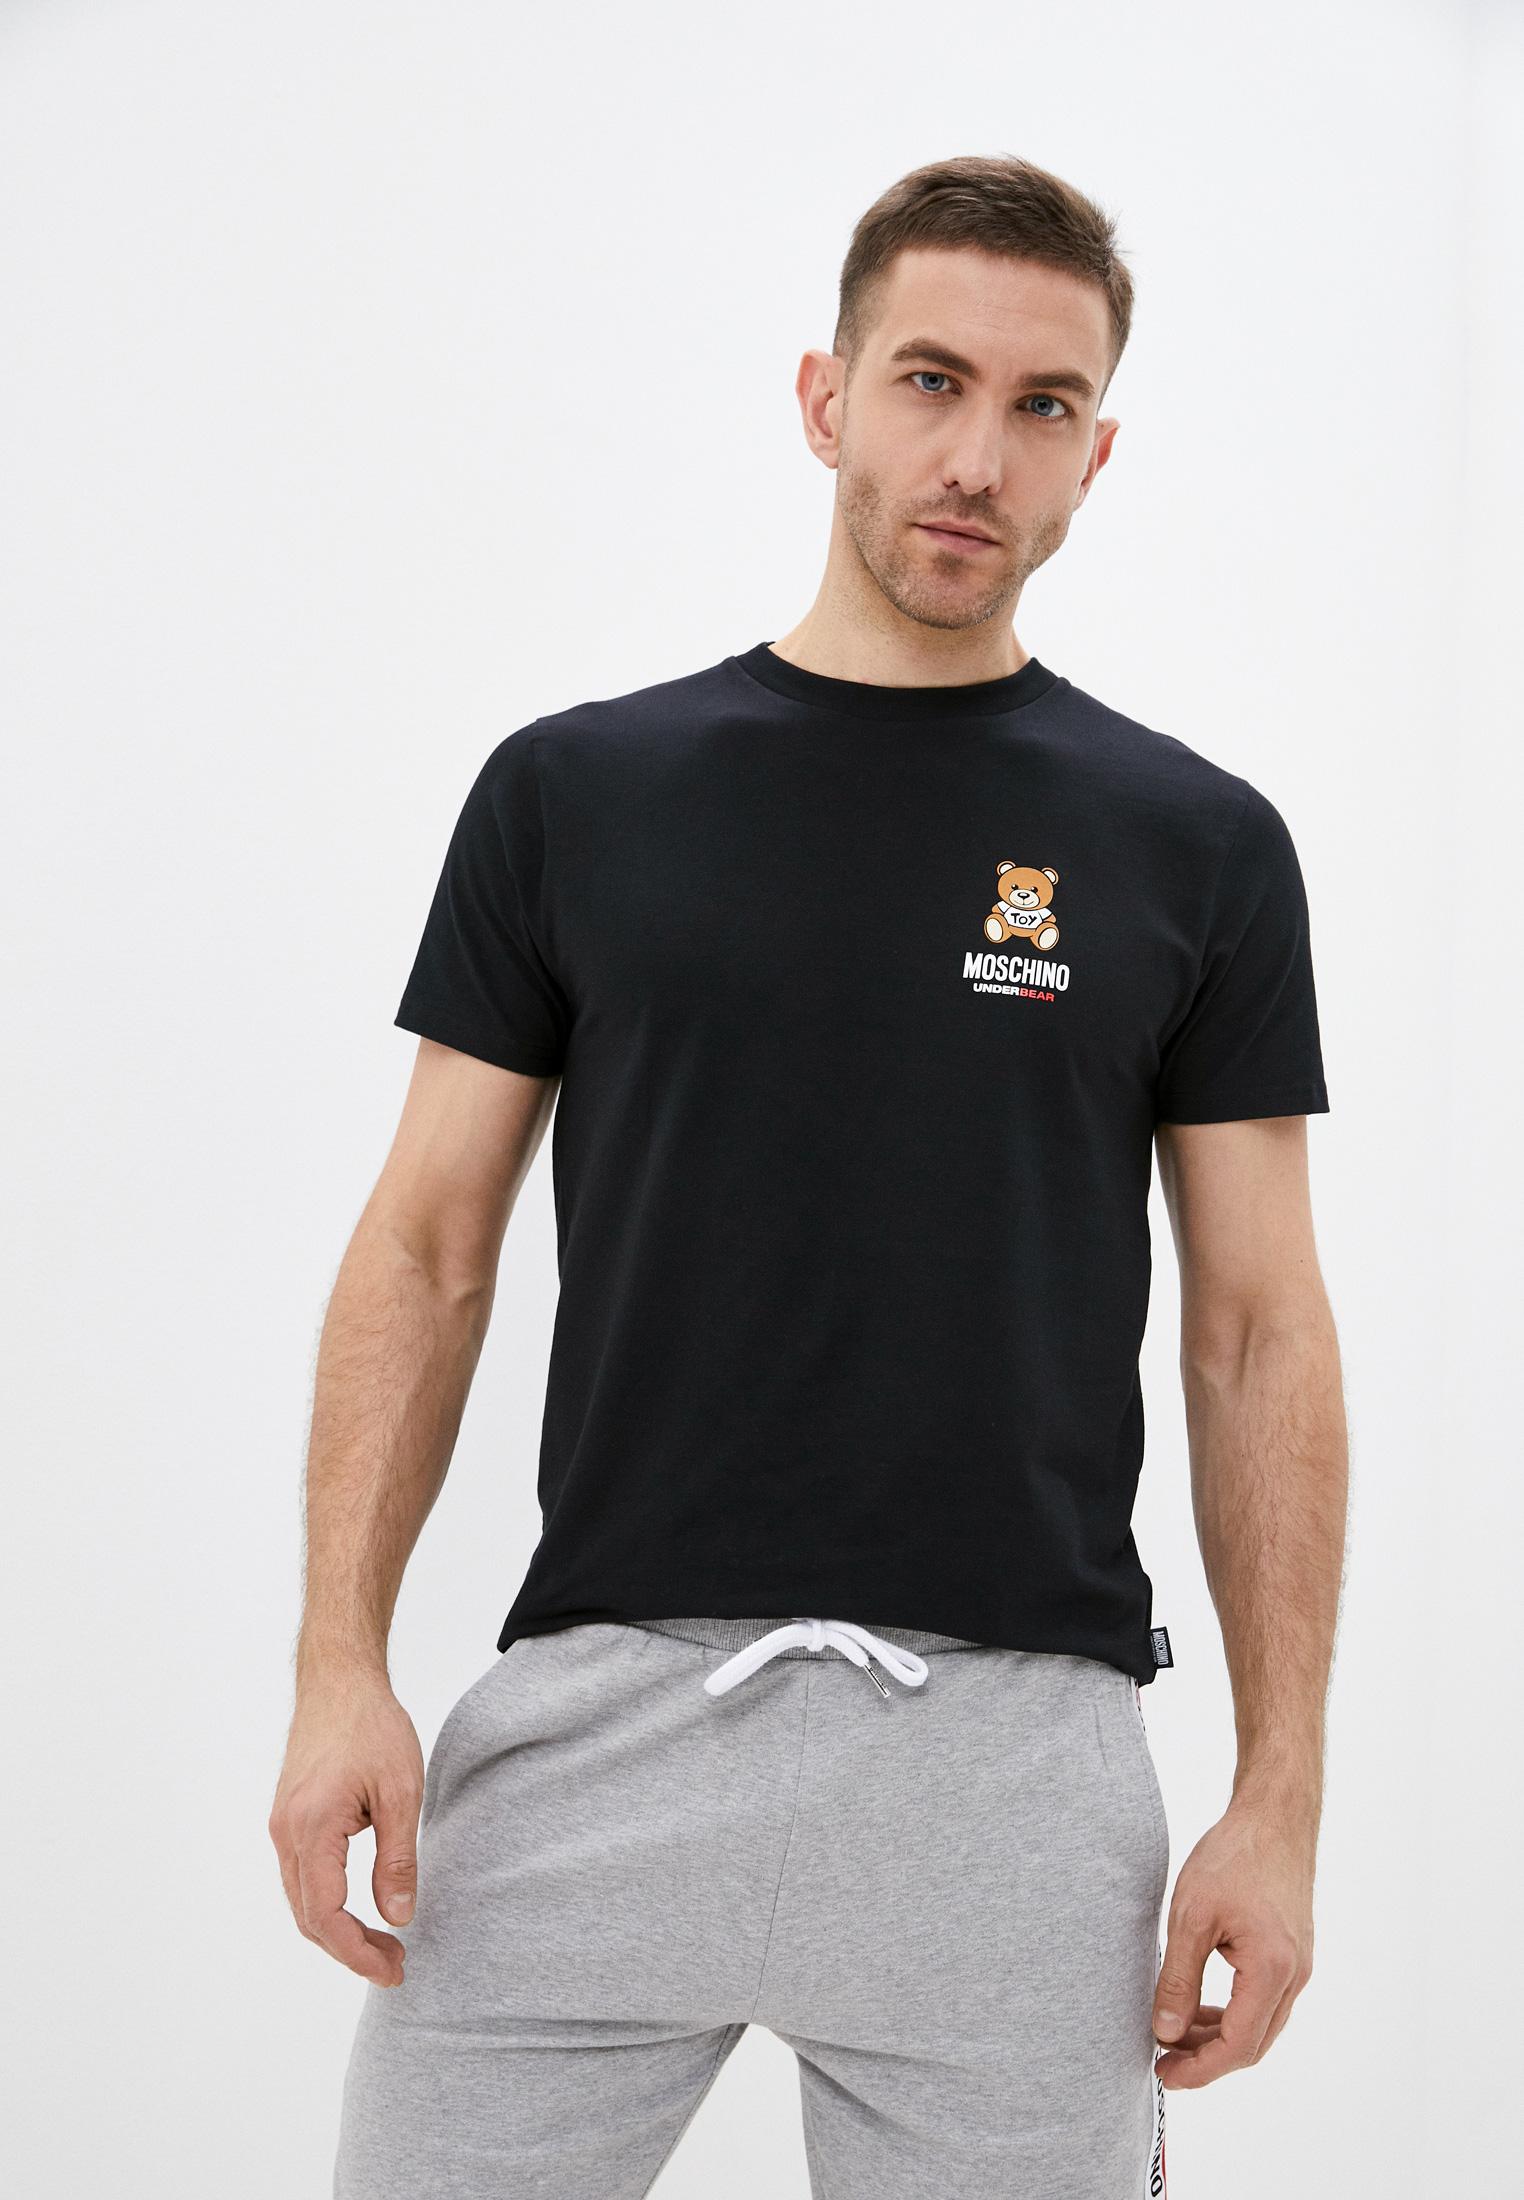 Футболка Moschino Underwear 1924 8121